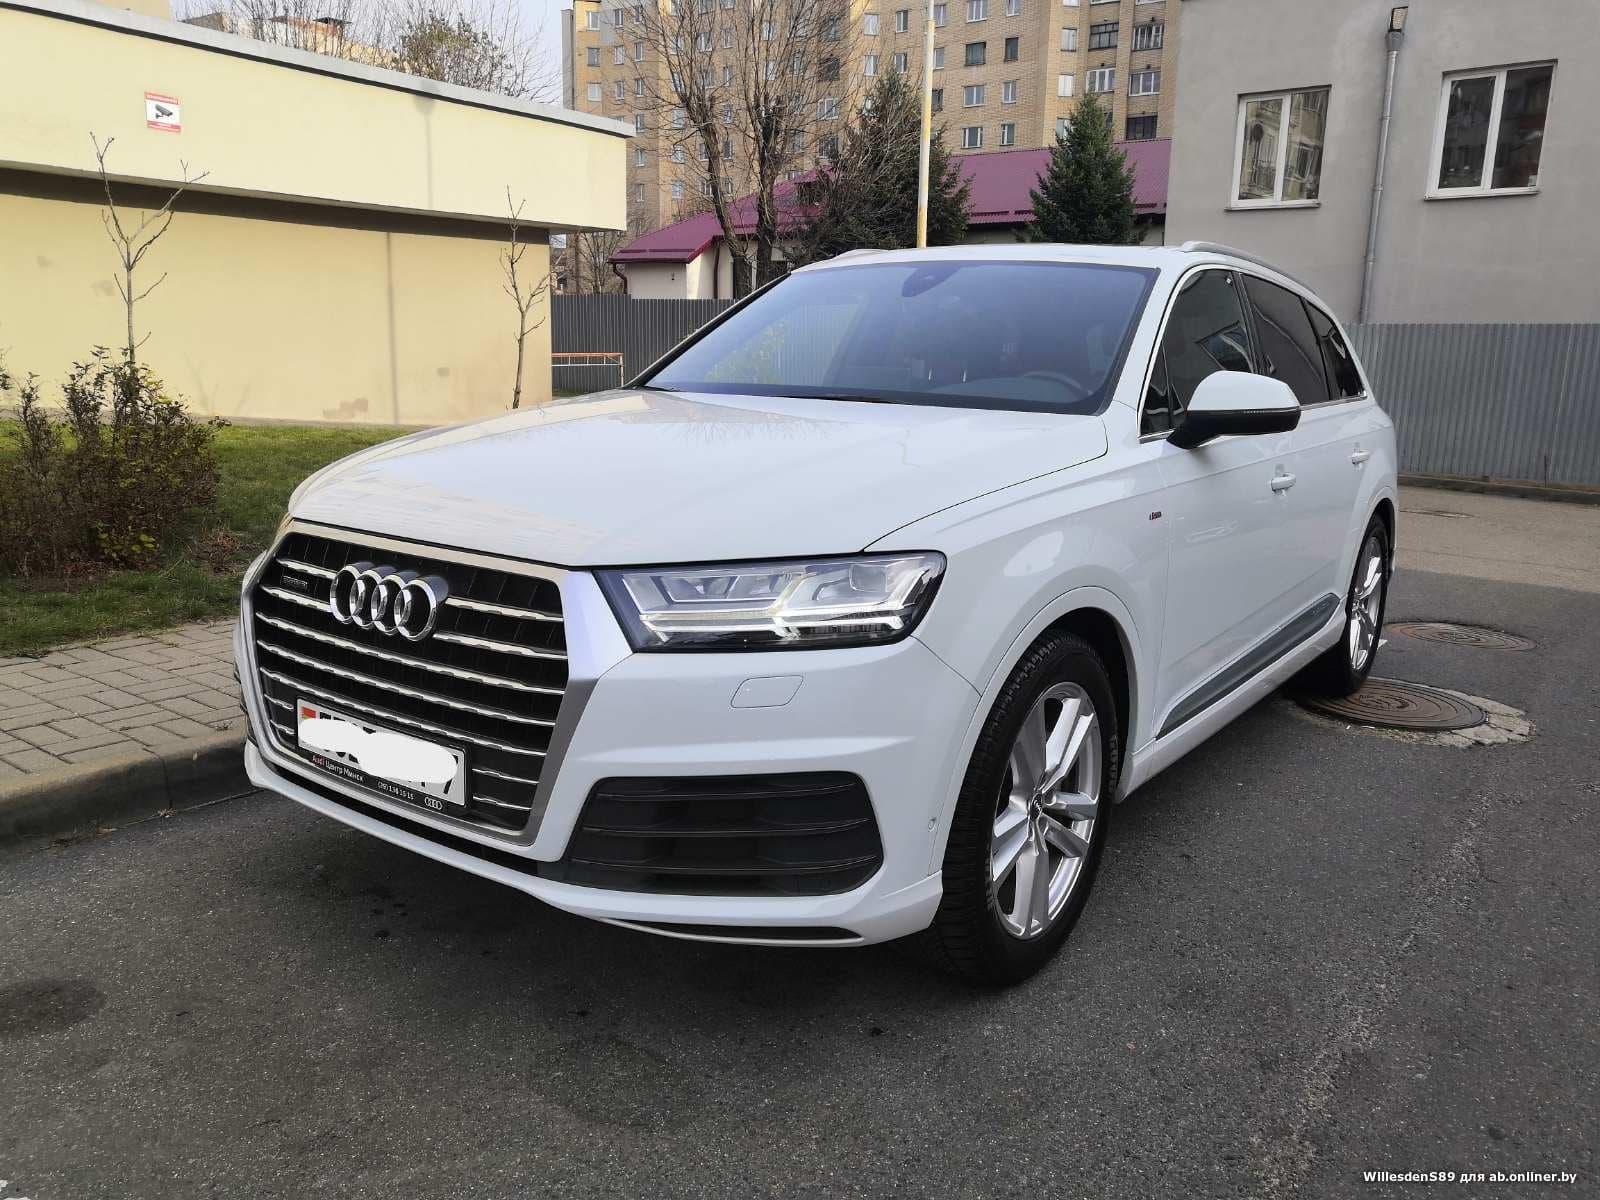 Audi Q7 3.0 TFSI S-line